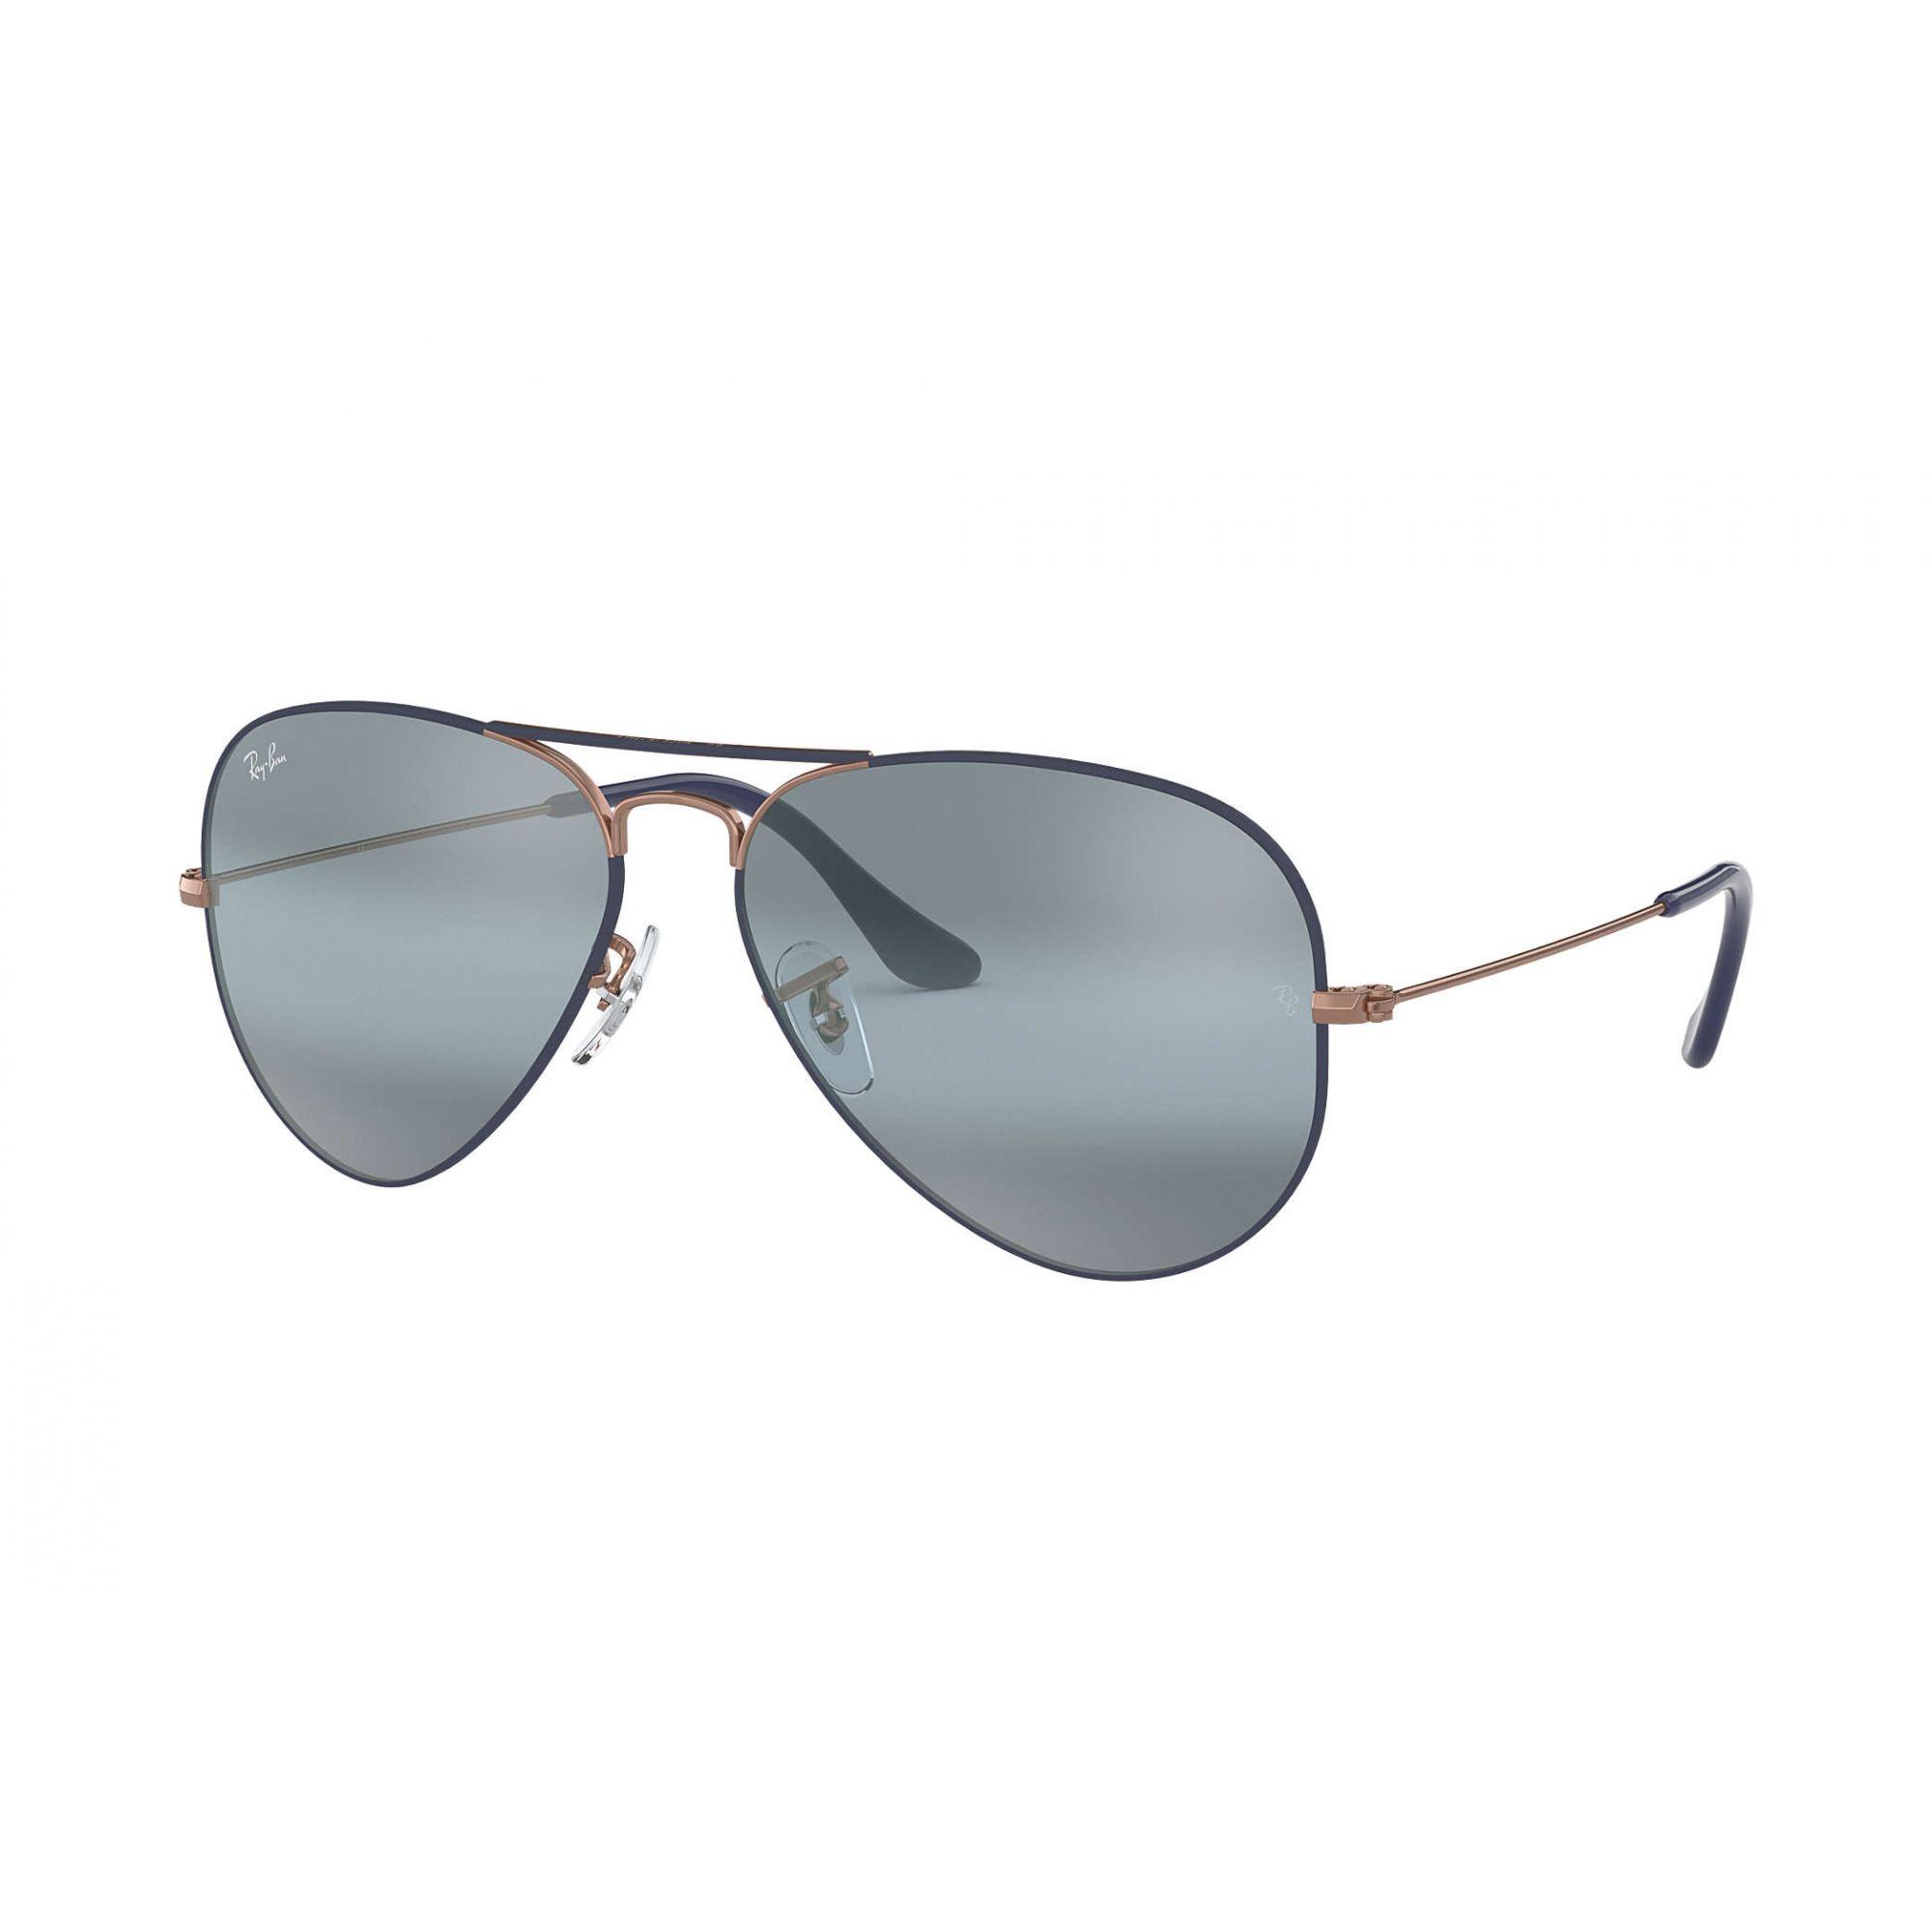 Ray Ban - RB3025 9156AJ - Óculos de sol